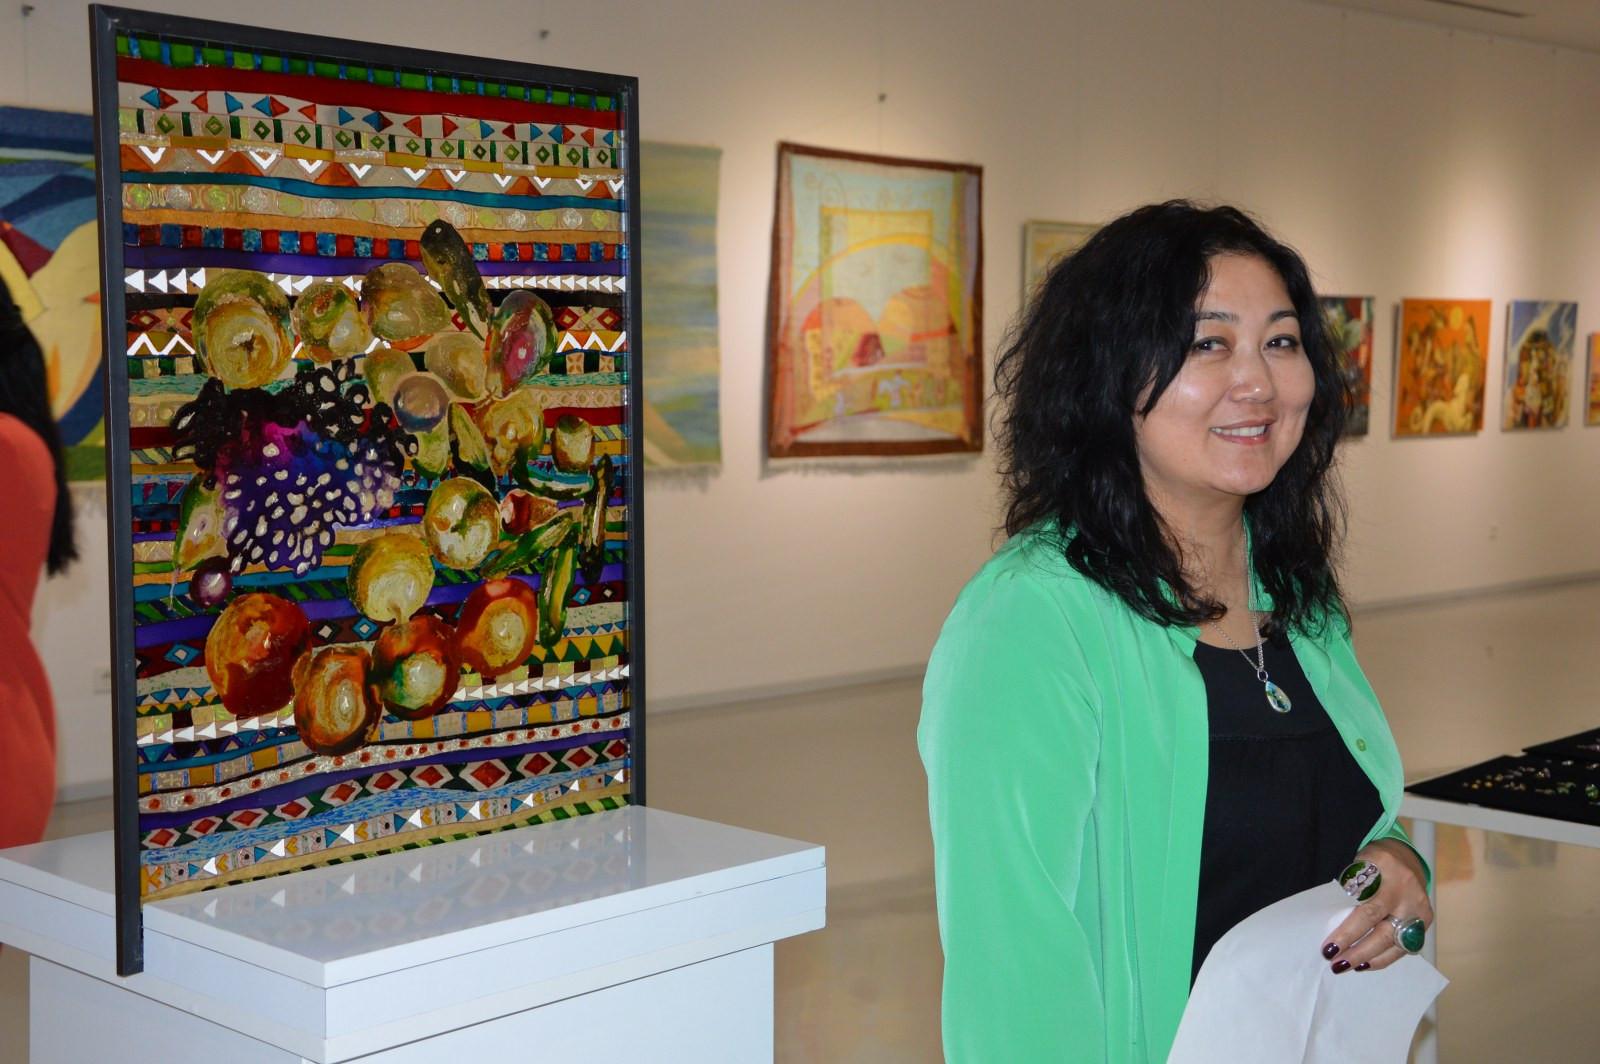 Türk Dünyasından Kadın Sanatçılar İstanbul'da Buluştu Galeri - 25. Resim